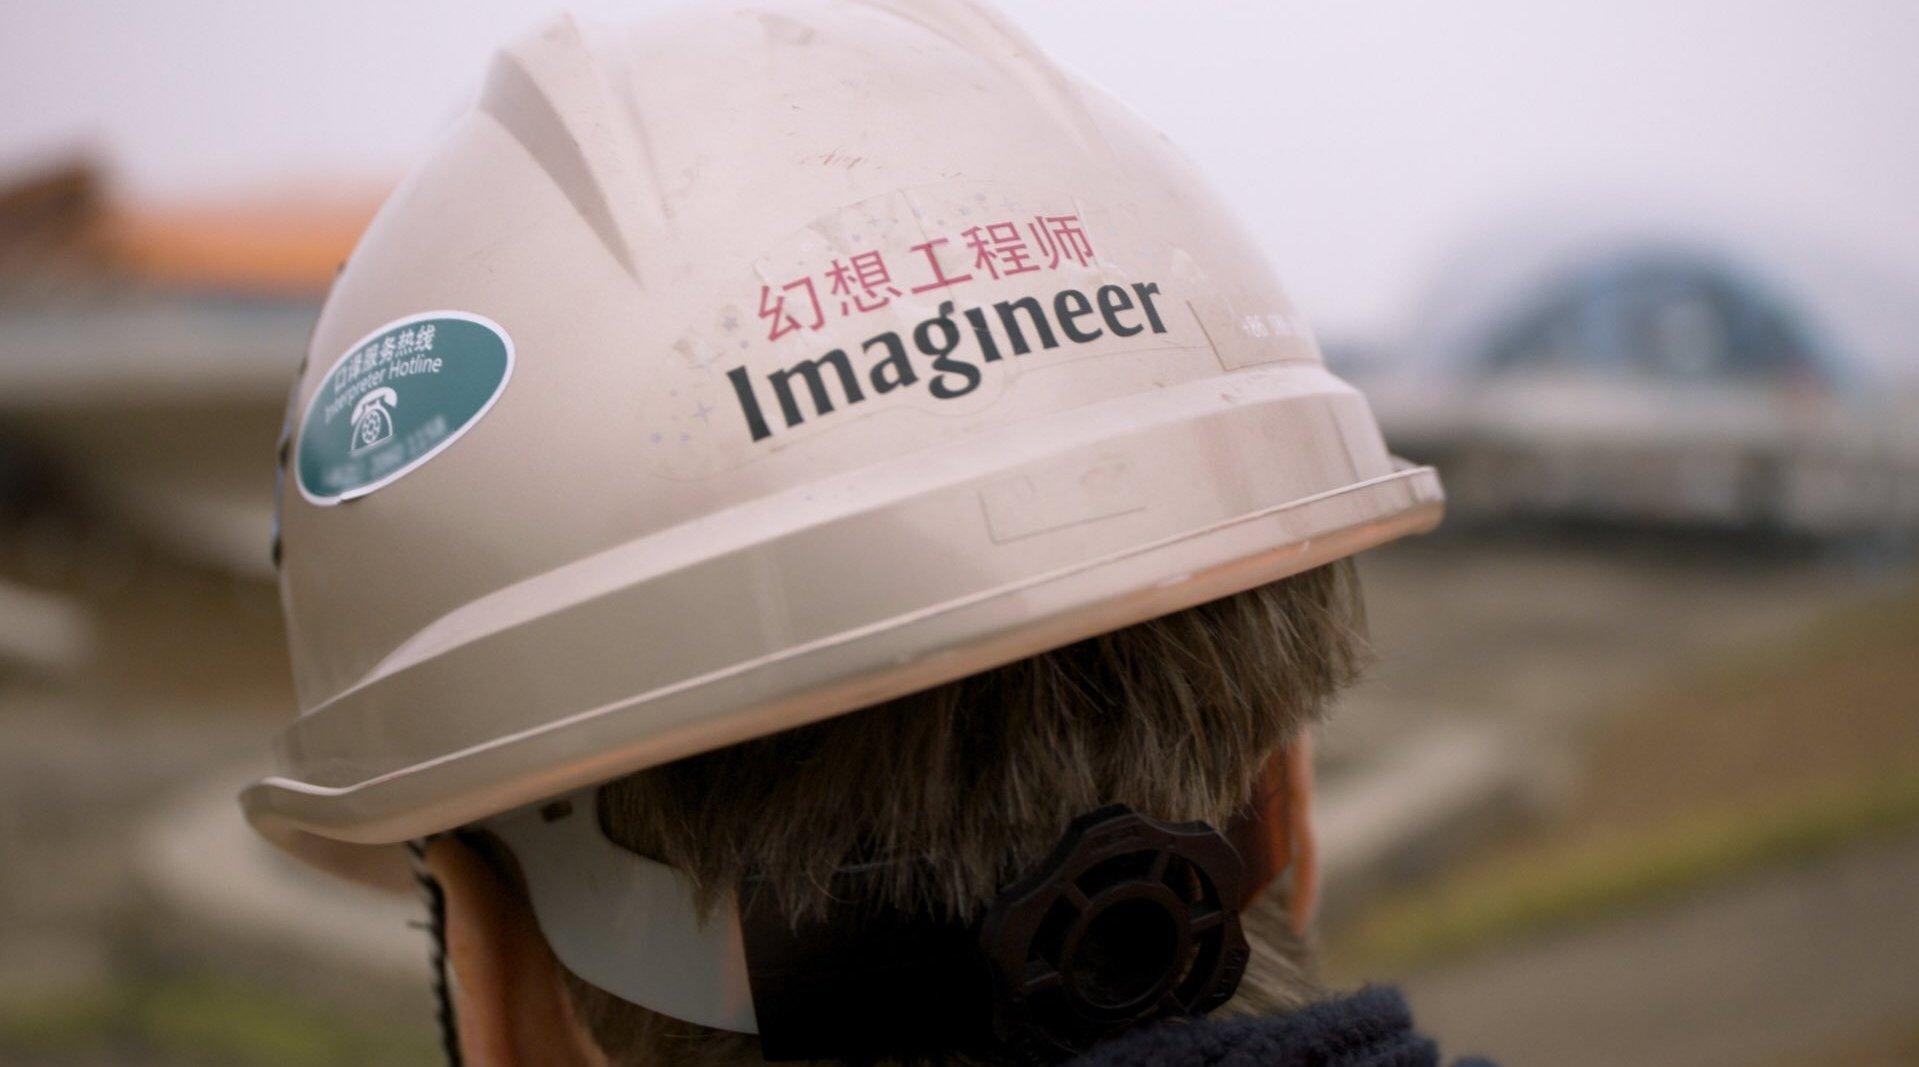 《幻想工程部的故事》(The Imagineering Story)作为一部纪录片剧集